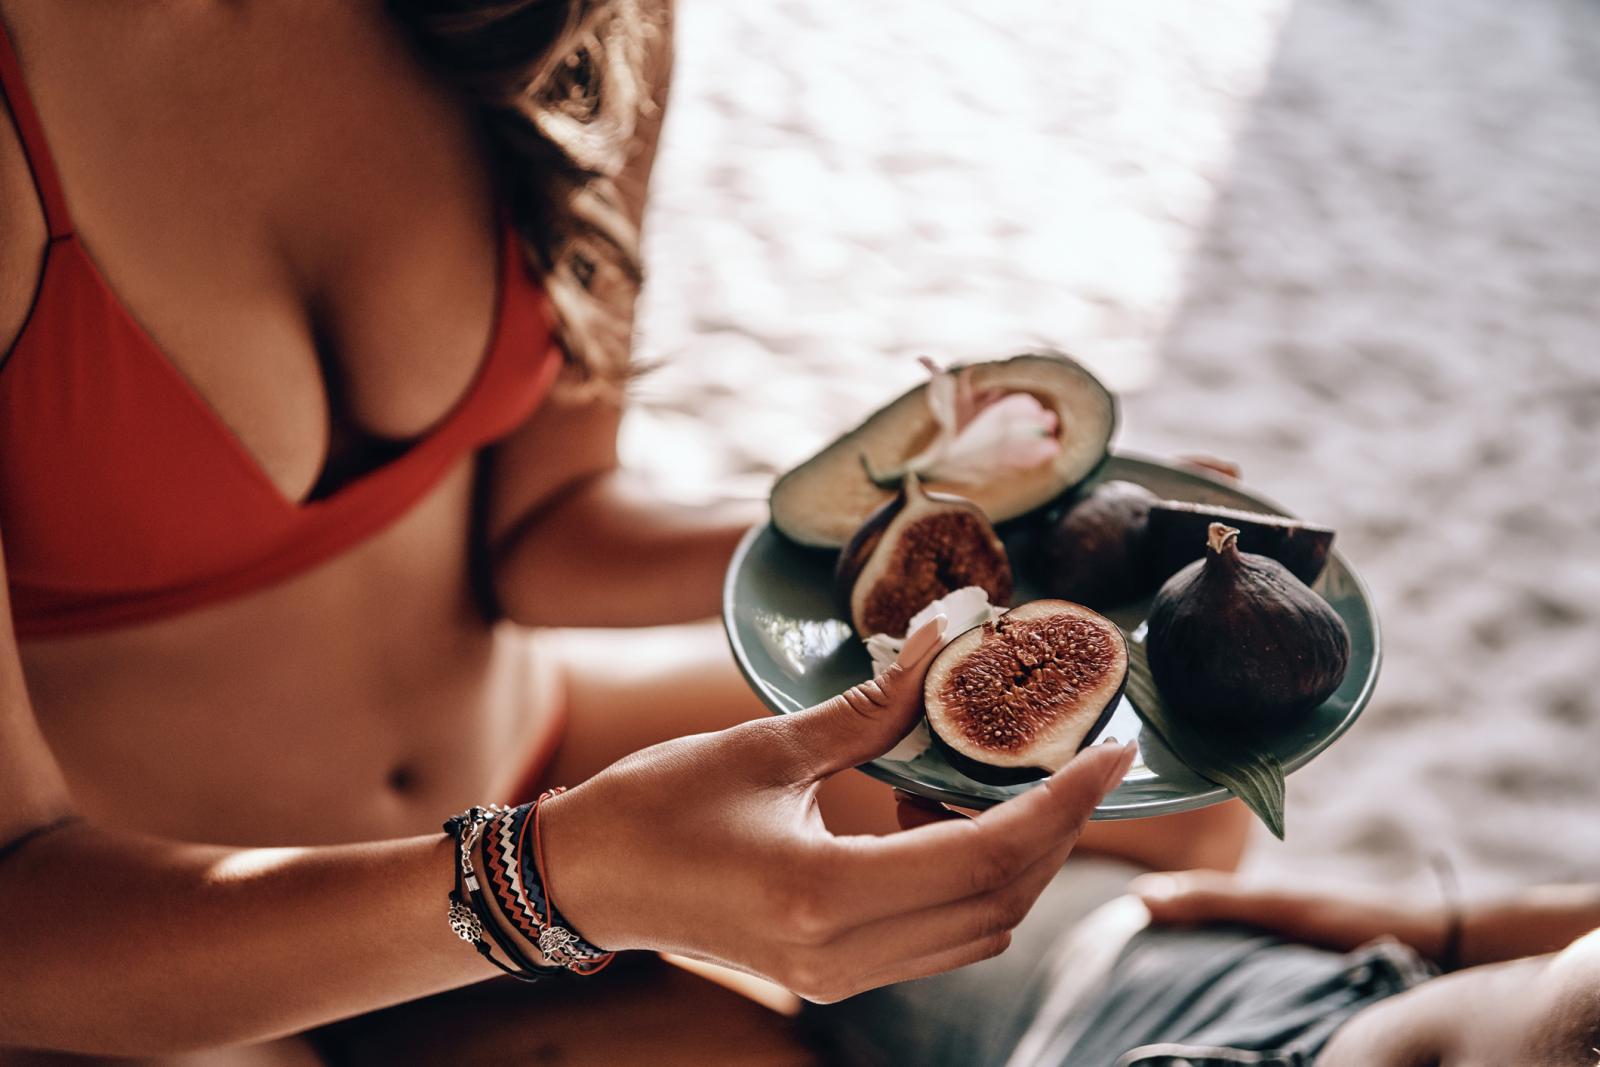 Smokve i avokado samo su neke od namirnica koje su na listi 'pomagača'.